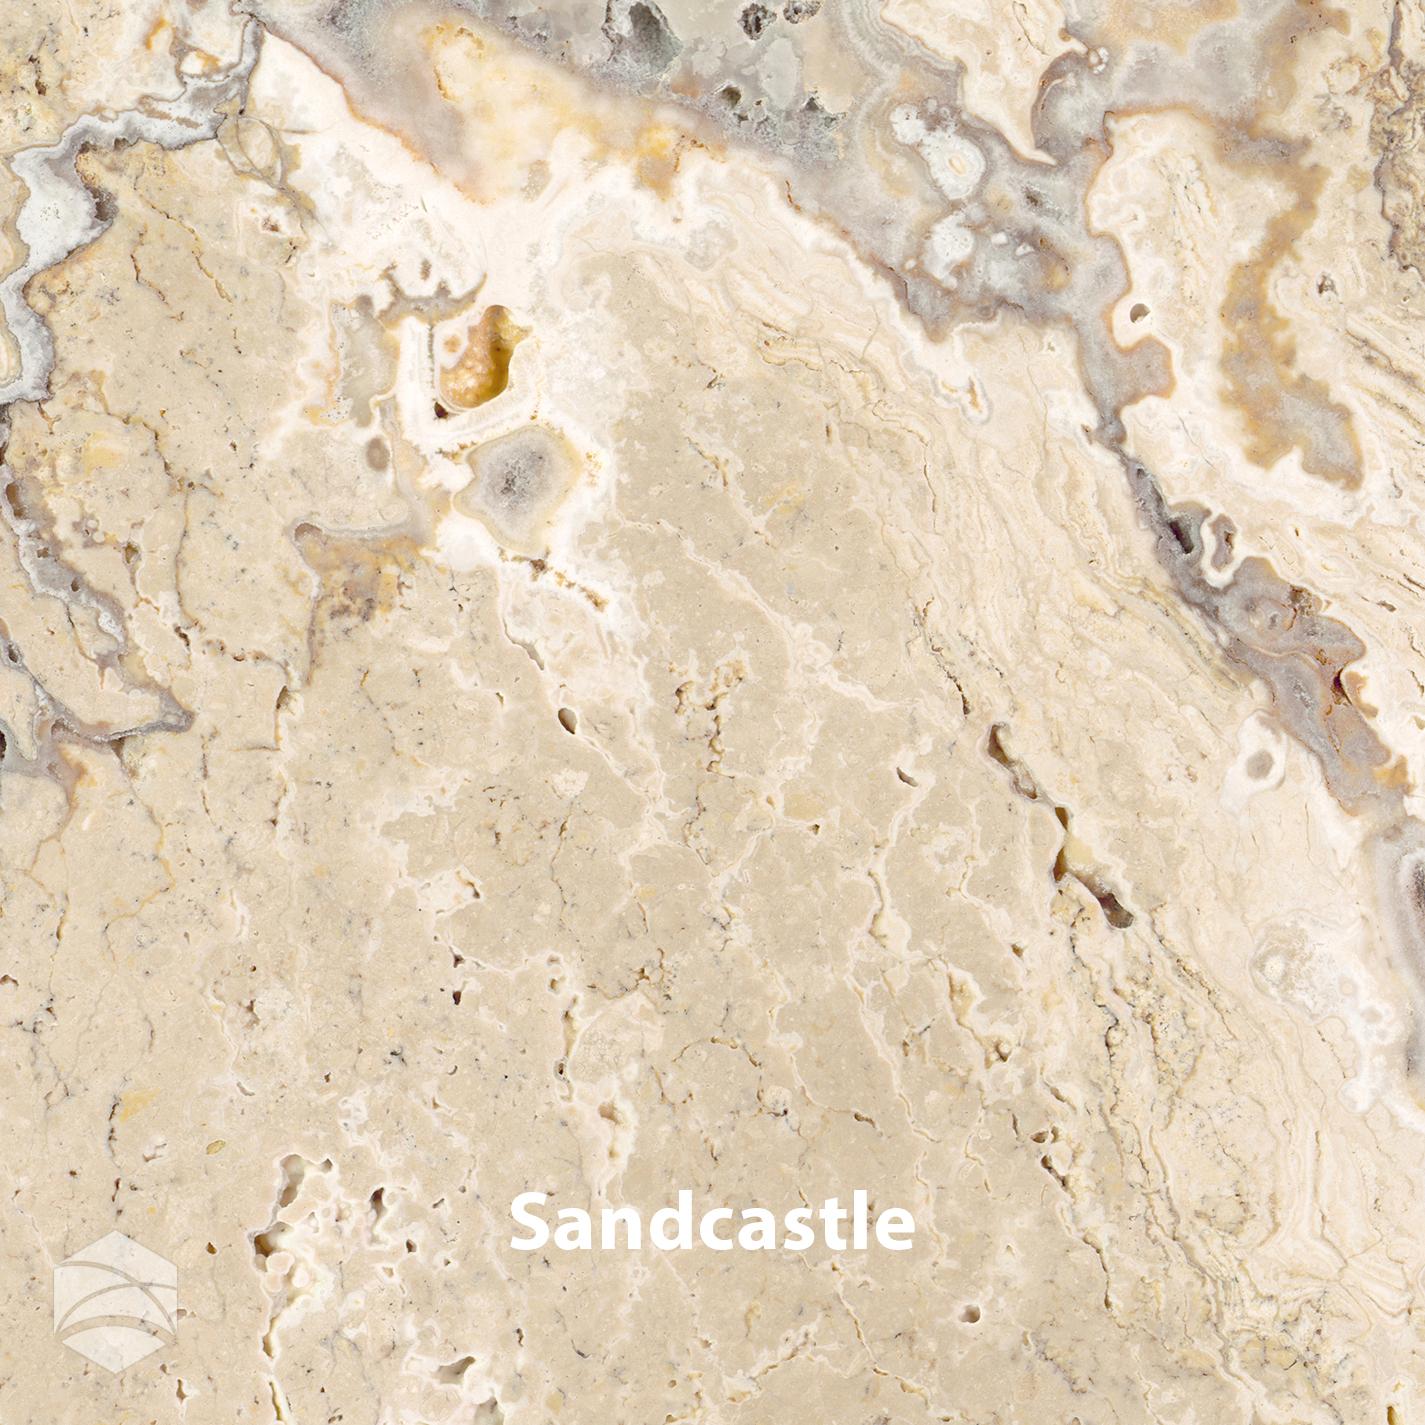 Sandcastle_V2_14x14.jpg